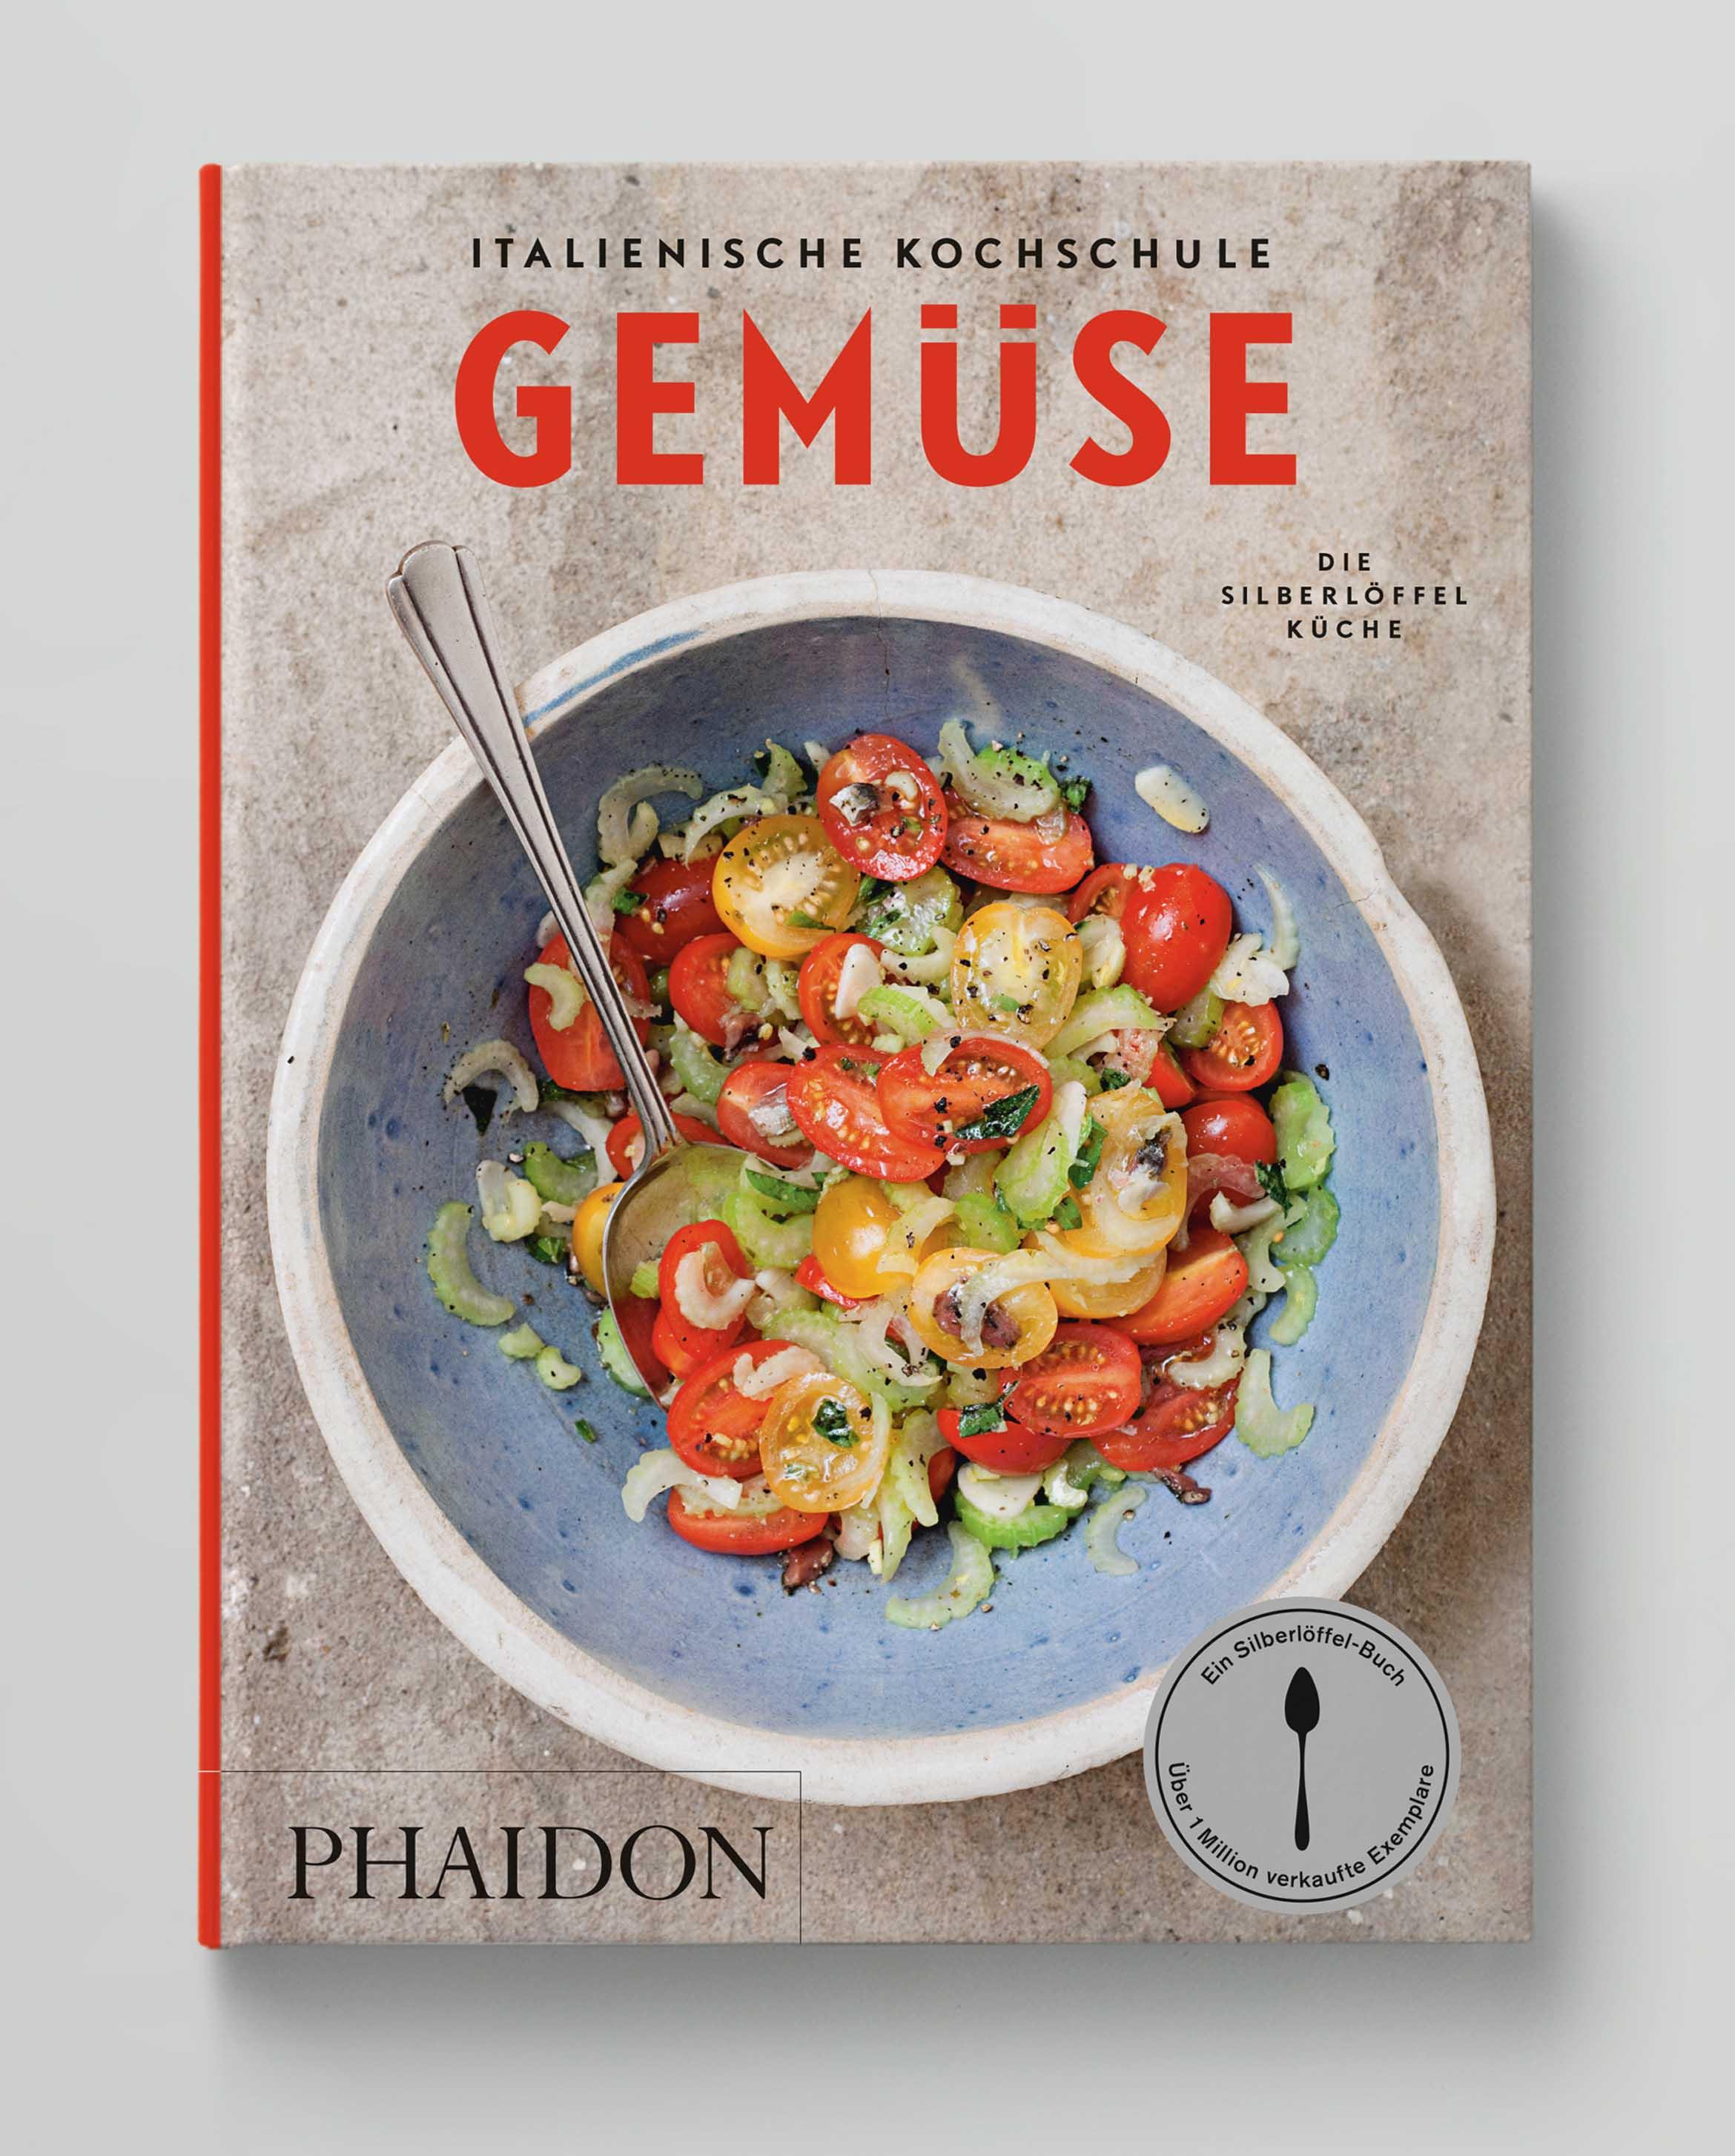 Italienische Kochschule Gemüse Die Silberlöffel Küche Phaidon Cover